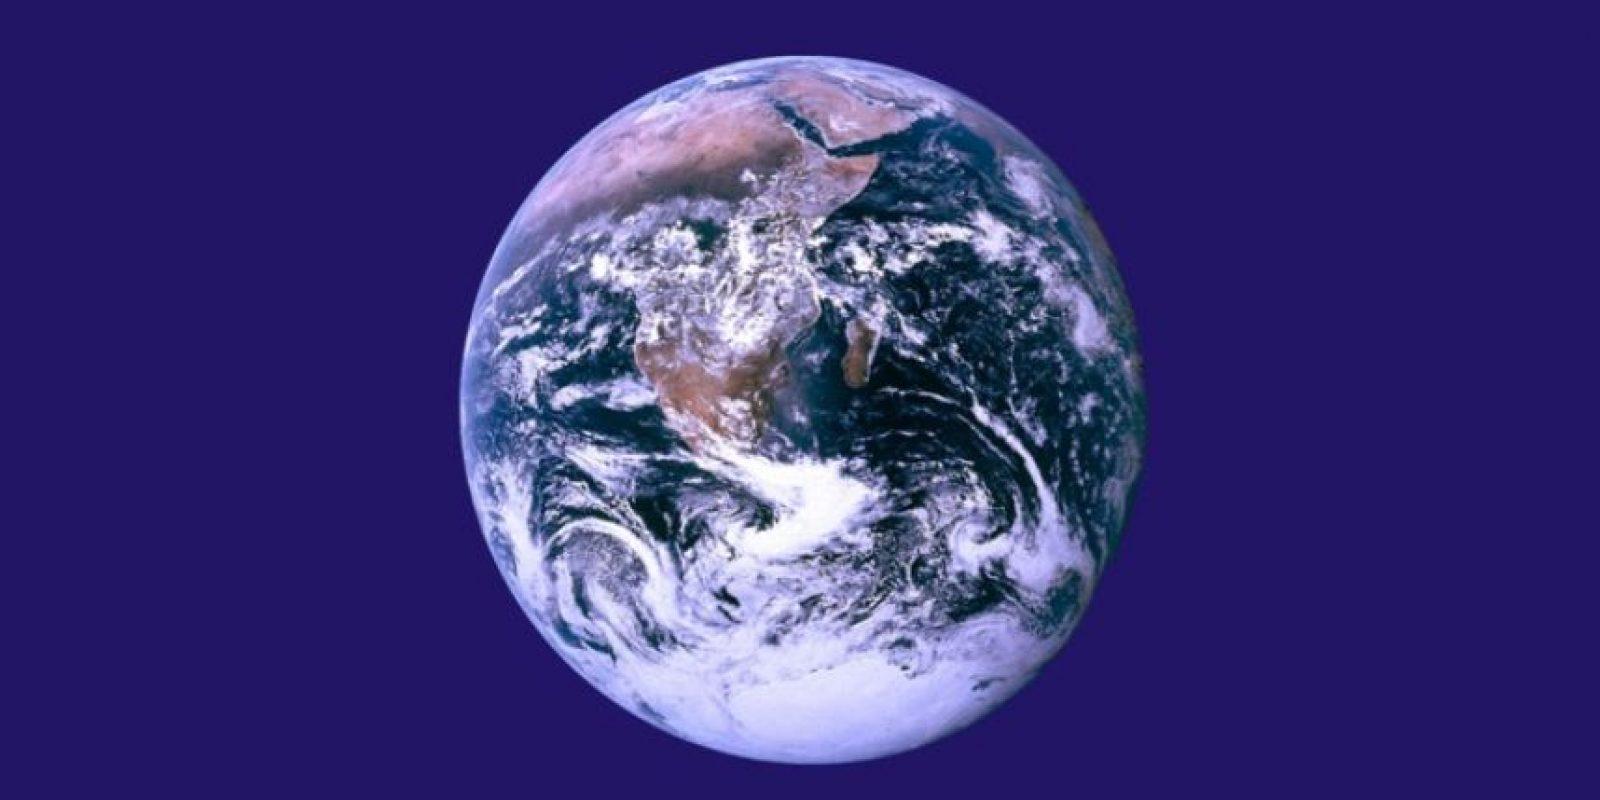 Características ambientales. El aire fresco, luz solar, las plantas, los paisajes y los materiales naturales y colores. Foto:Tumblr.com/tagged-día-tierra